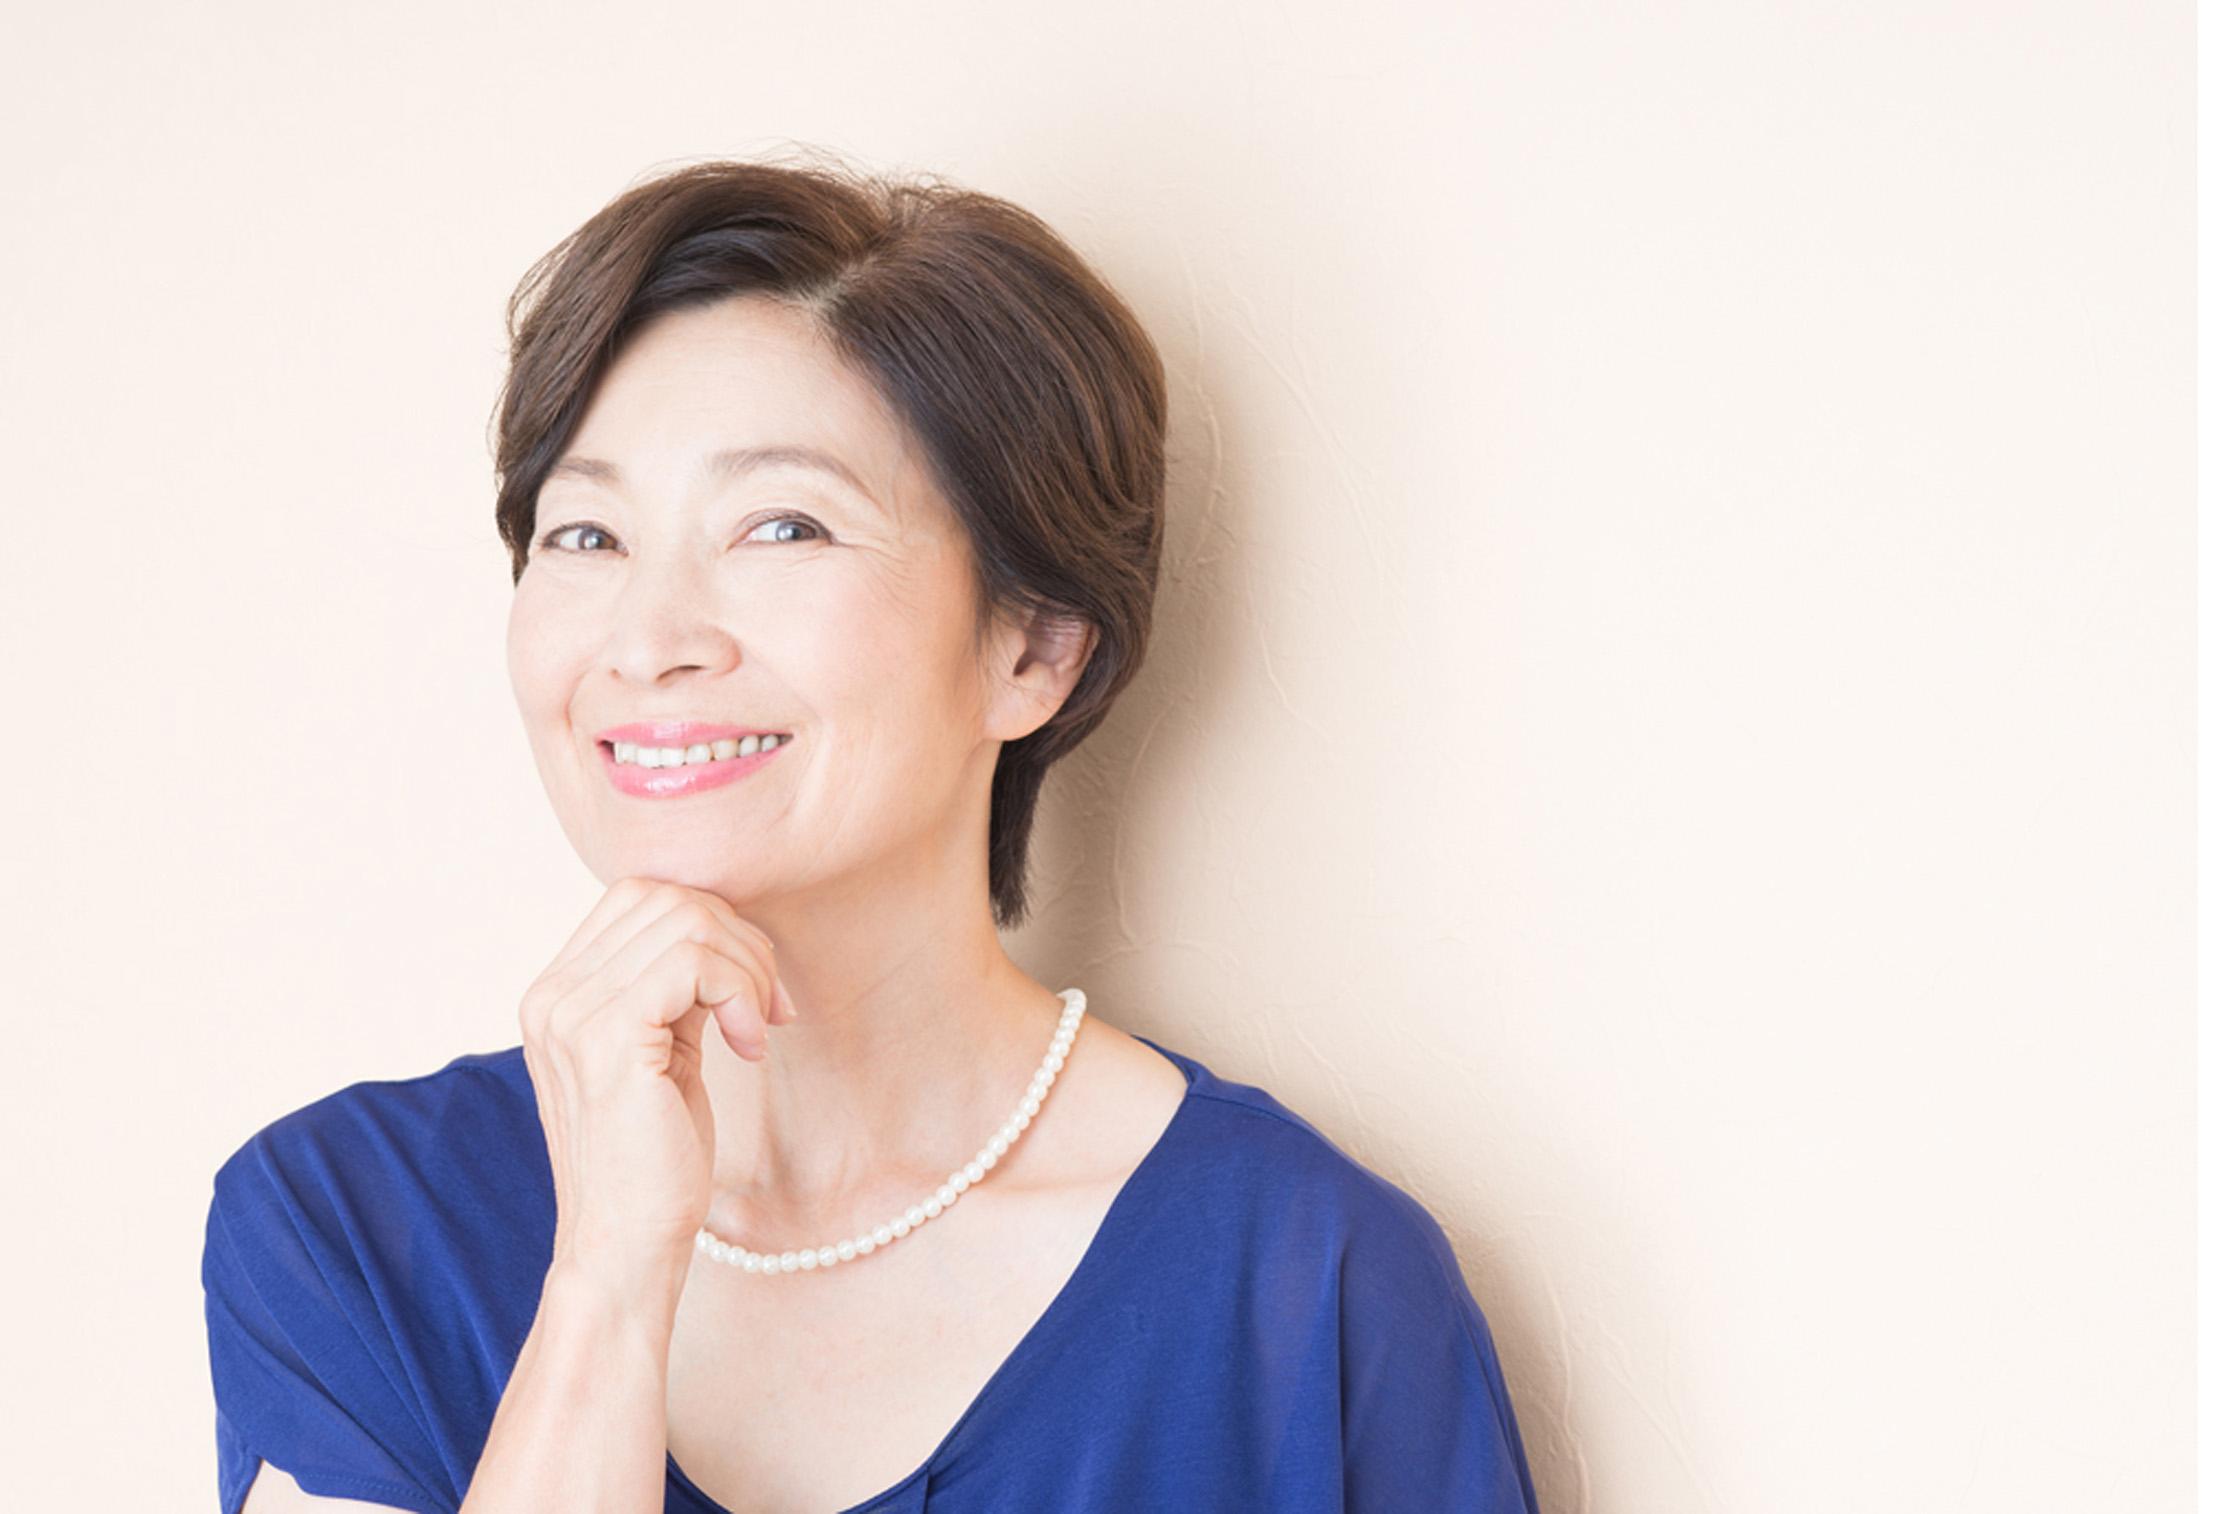 【静岡市】母の日に贈る特別なプレゼントに。美しい輝きの真珠はいかが?